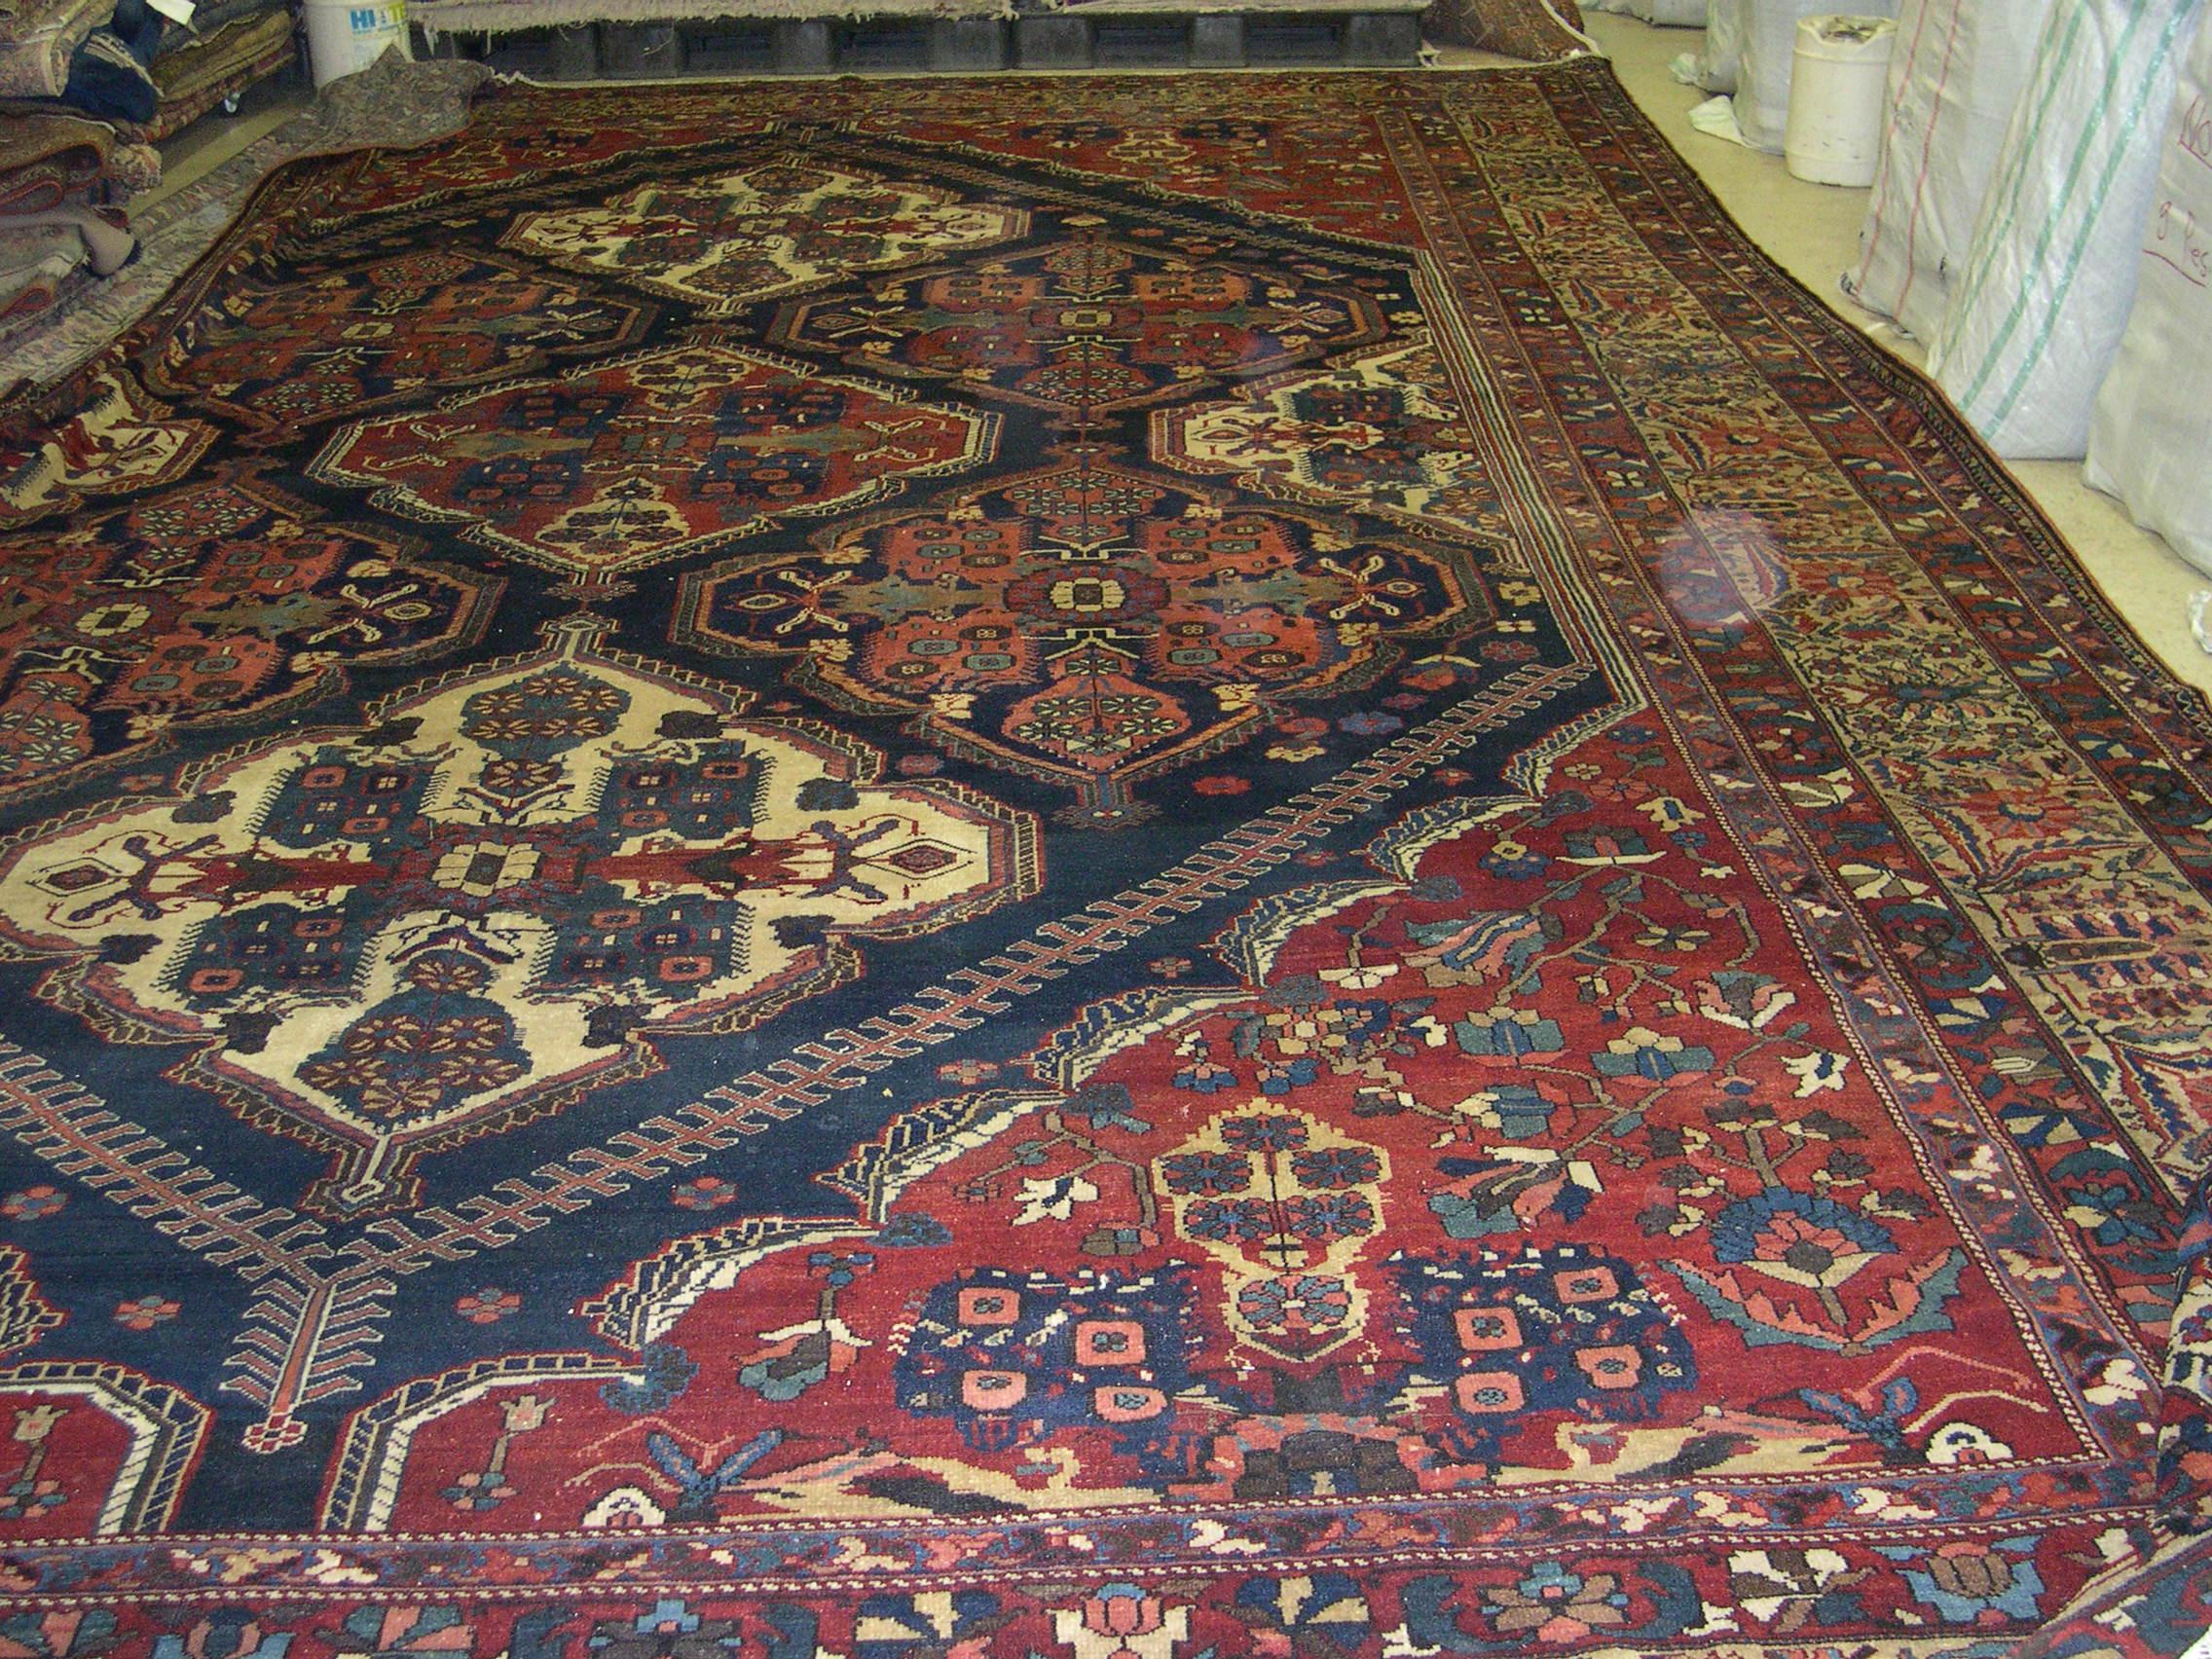 Bakhtiar Rug | Persian | Handmade | Antique, Circa 1900